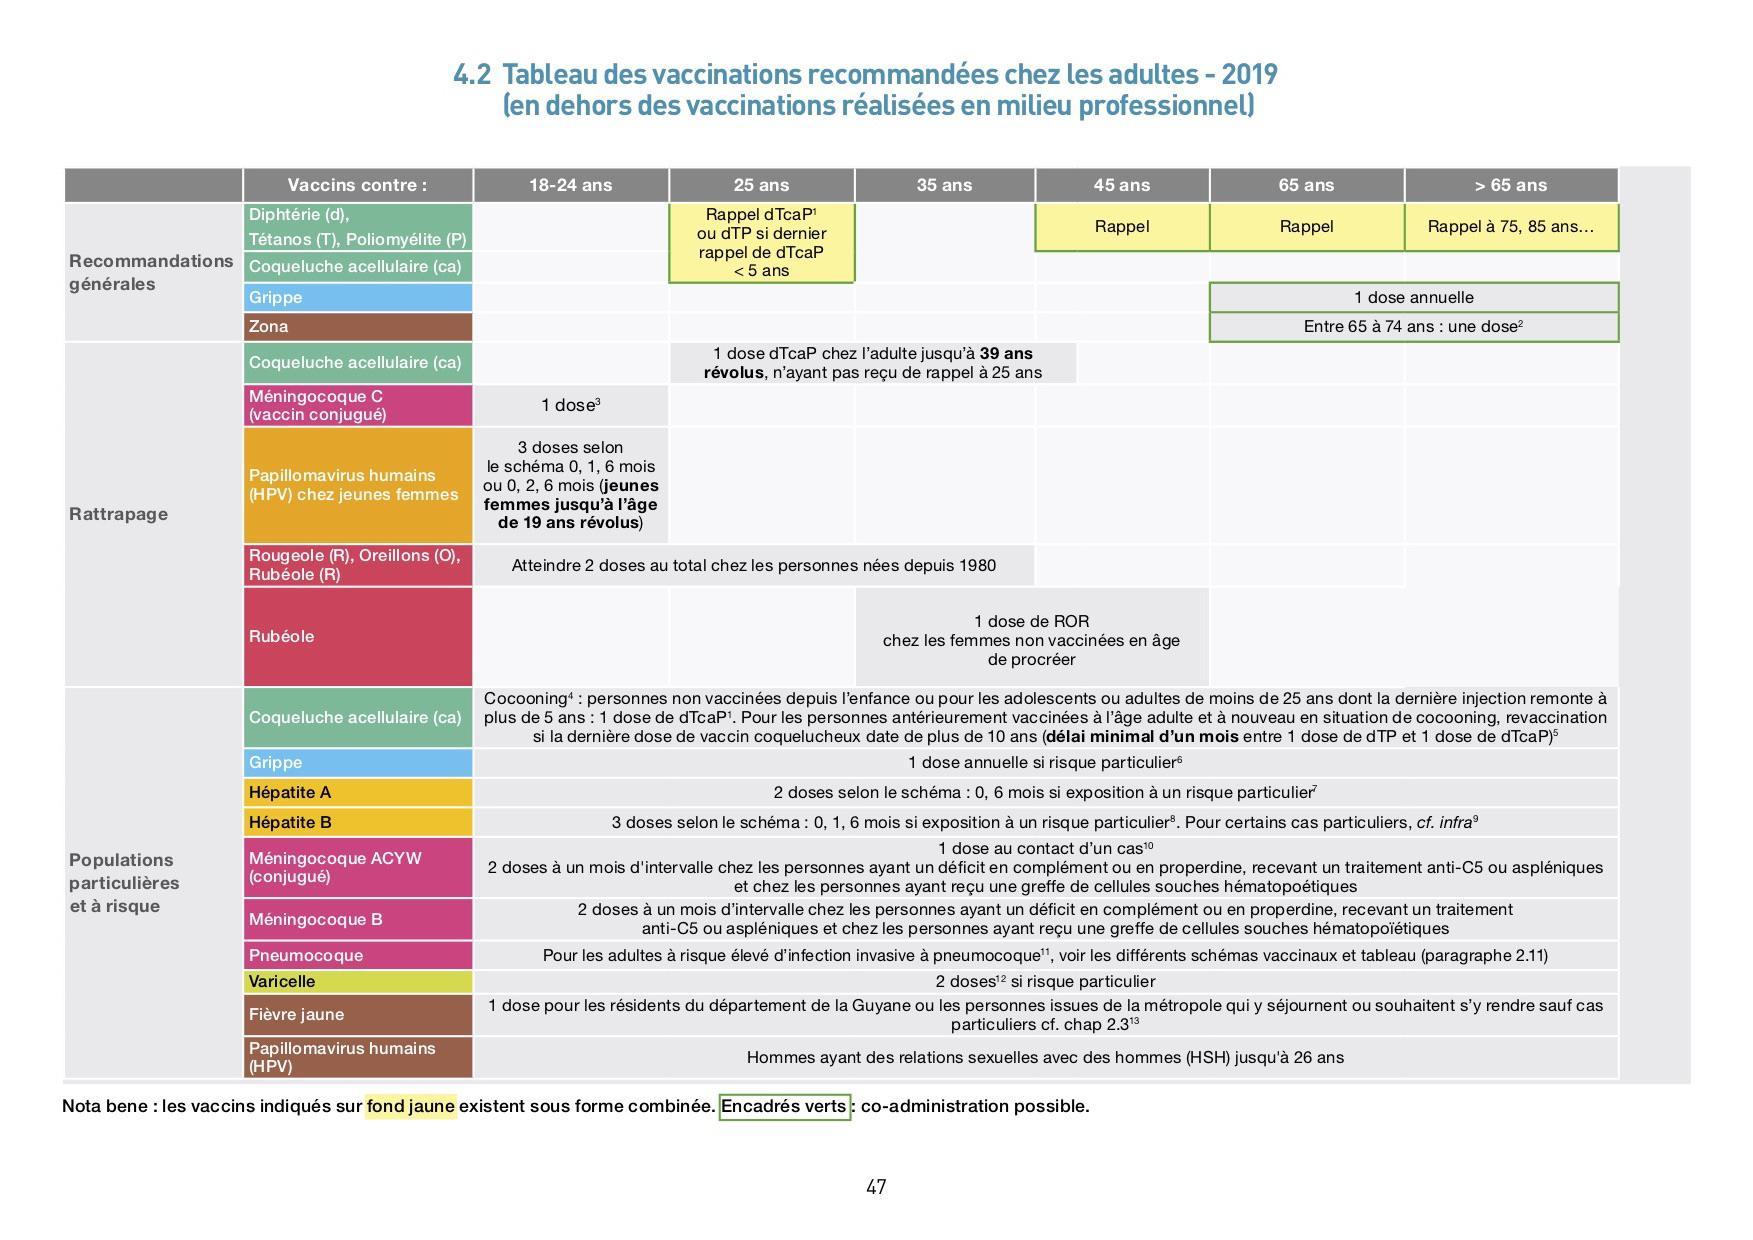 Nouveau Calendrier Vaccinal 2019.Le Calendrier Vaccinal 2019 Est La